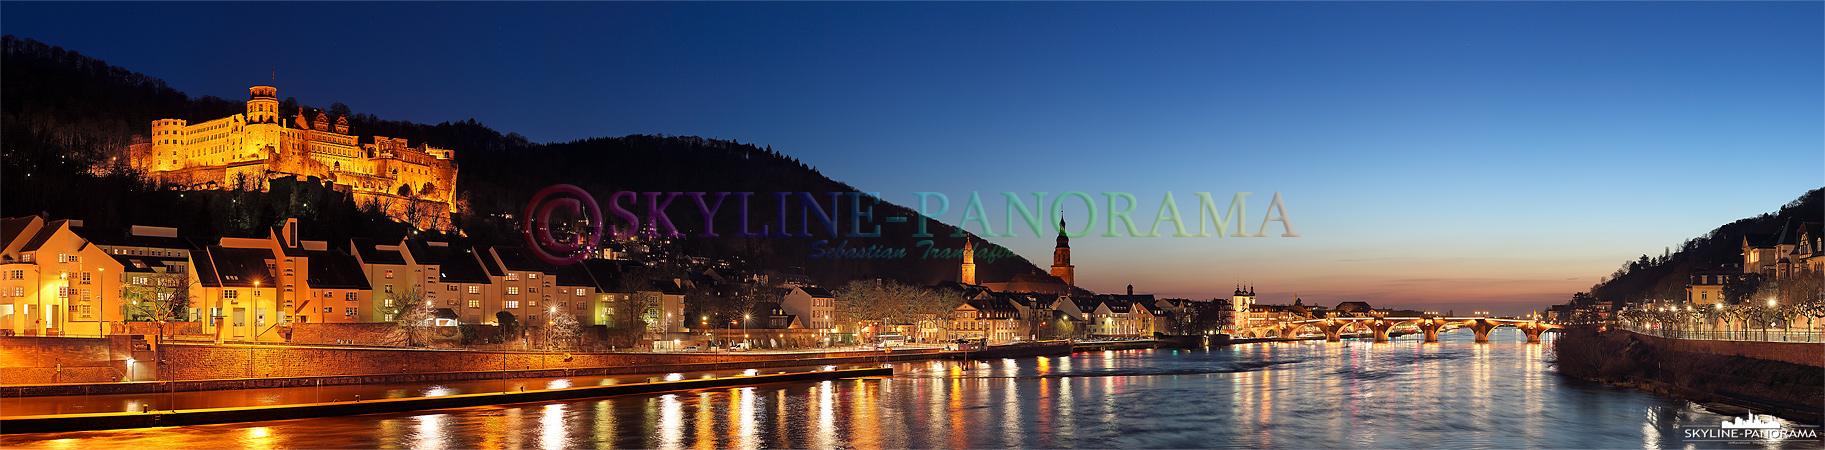 Stadtansicht am Abend - Das Panorama von Heidelberg mit dem abendlich beleuchteten Schloss und der historischen Alten Brücke über den Neckar.